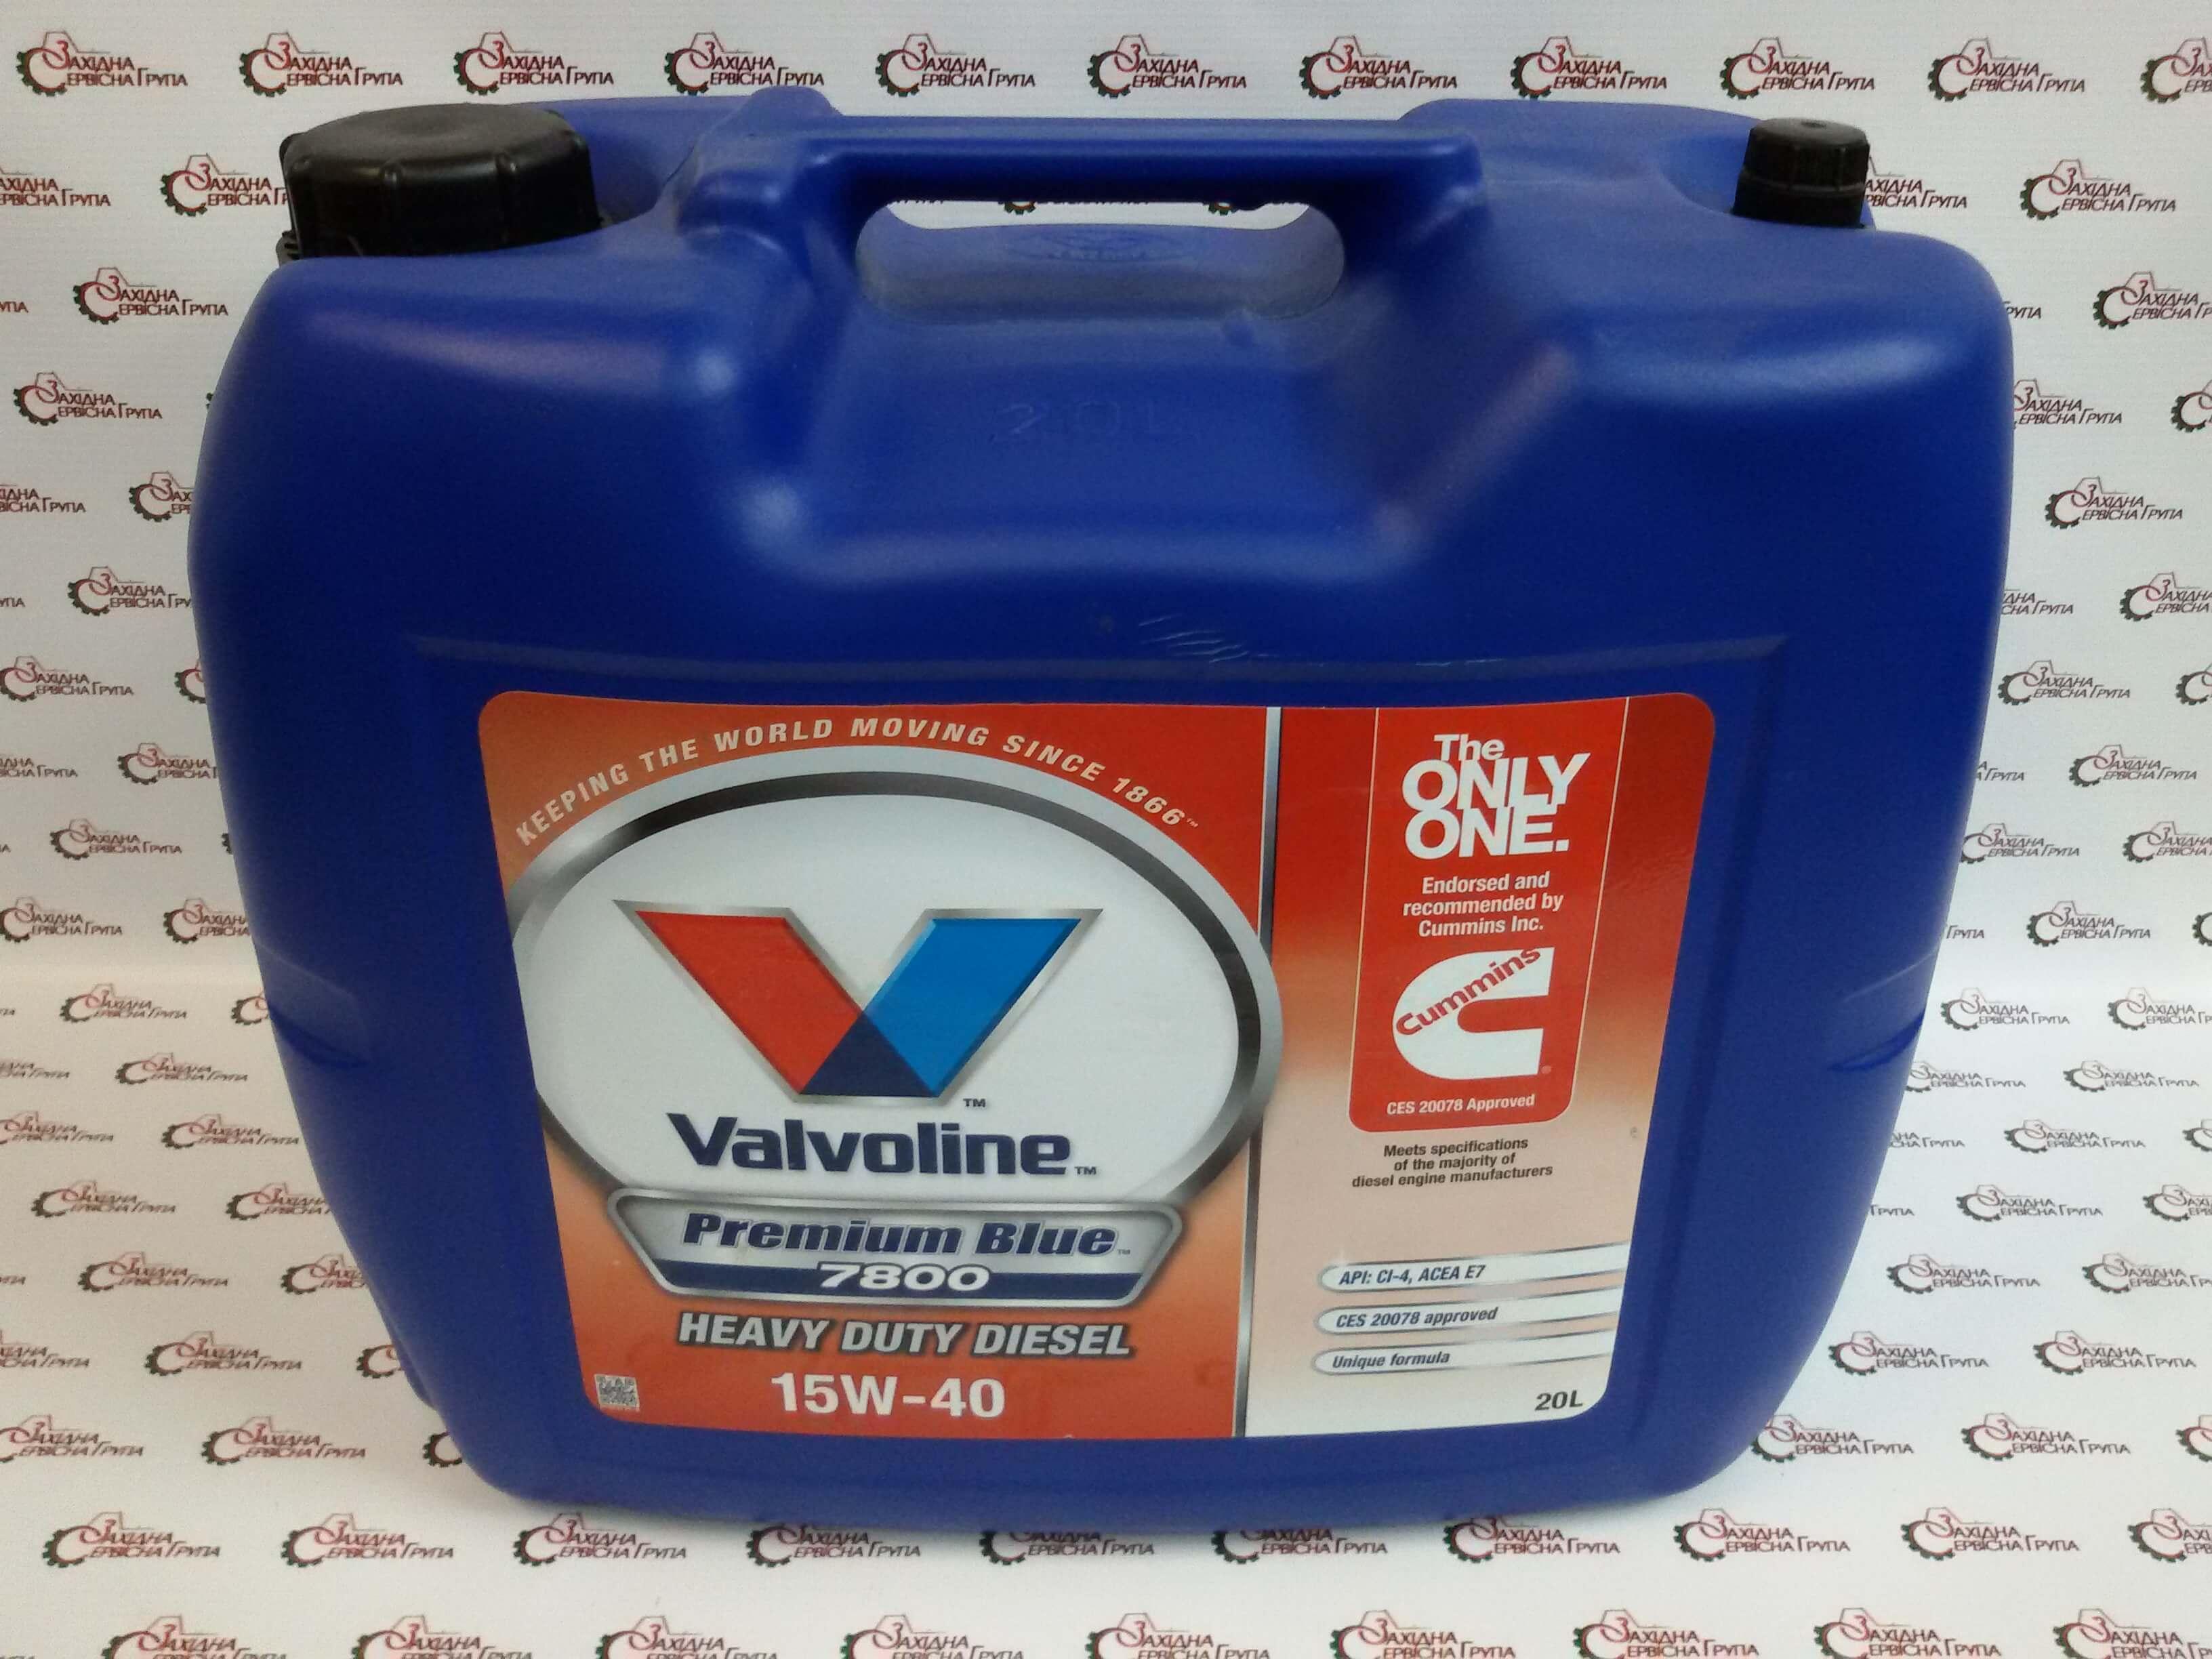 Масло моторное Valvoline Premium Blue 7800 15W-40. Для дизельных двигателей.